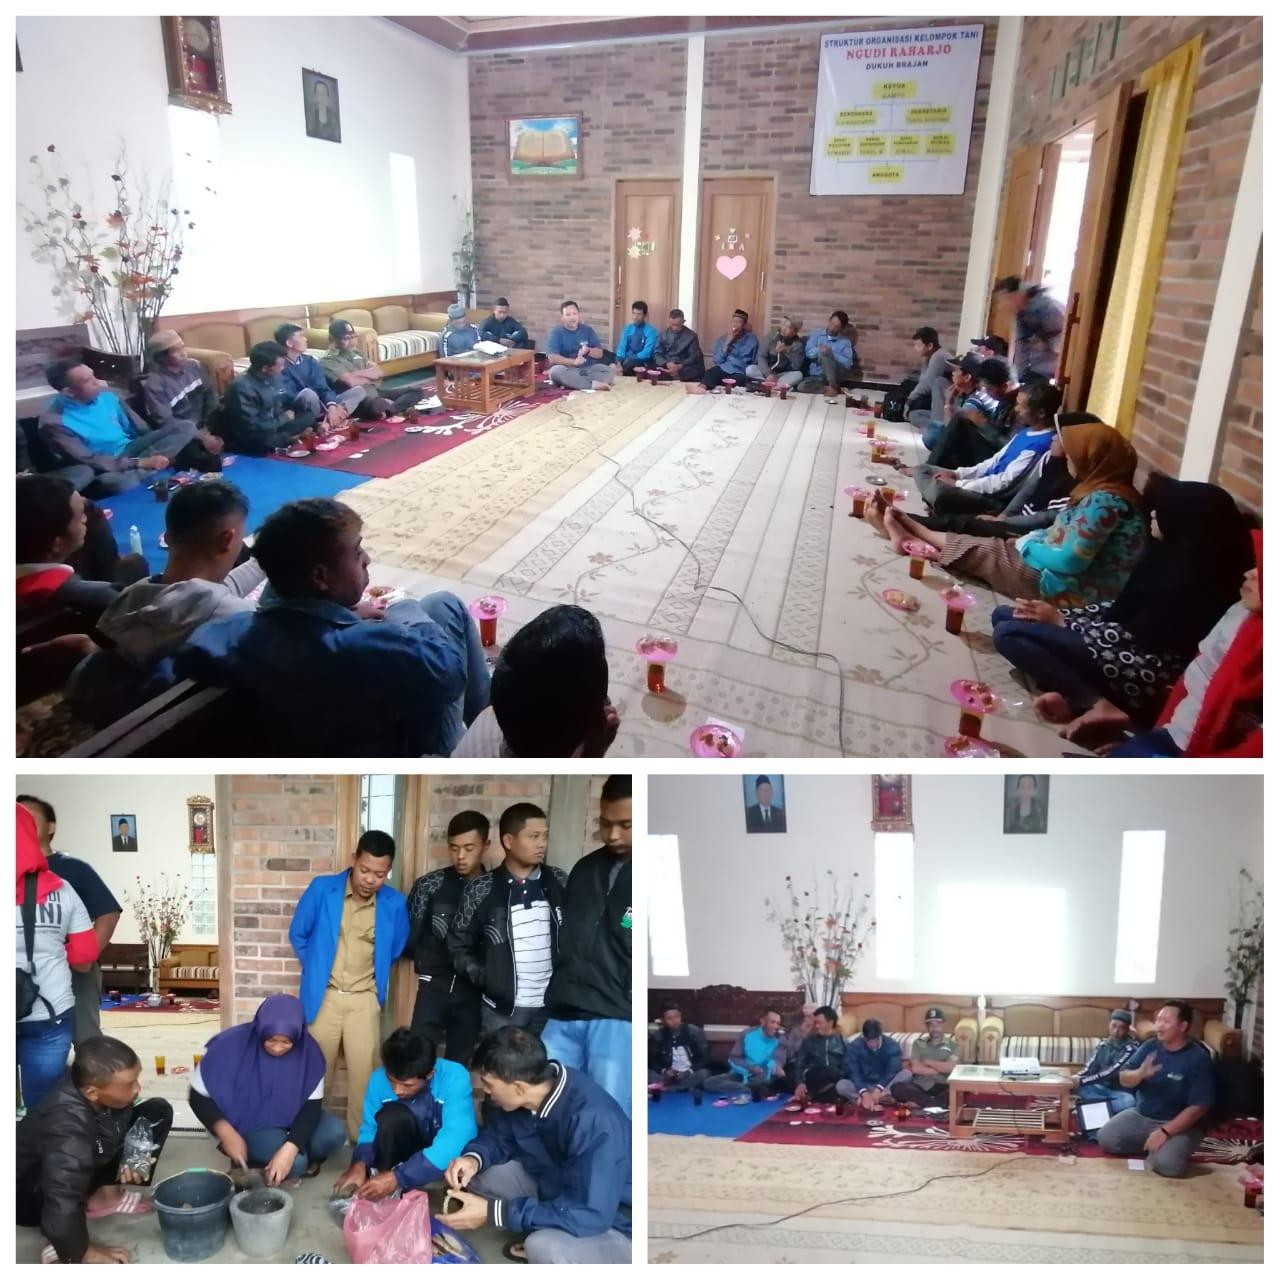 Pertemuan Tim ICS Bawang Merah, Dan Anggota Kemitraan Bawang Merah